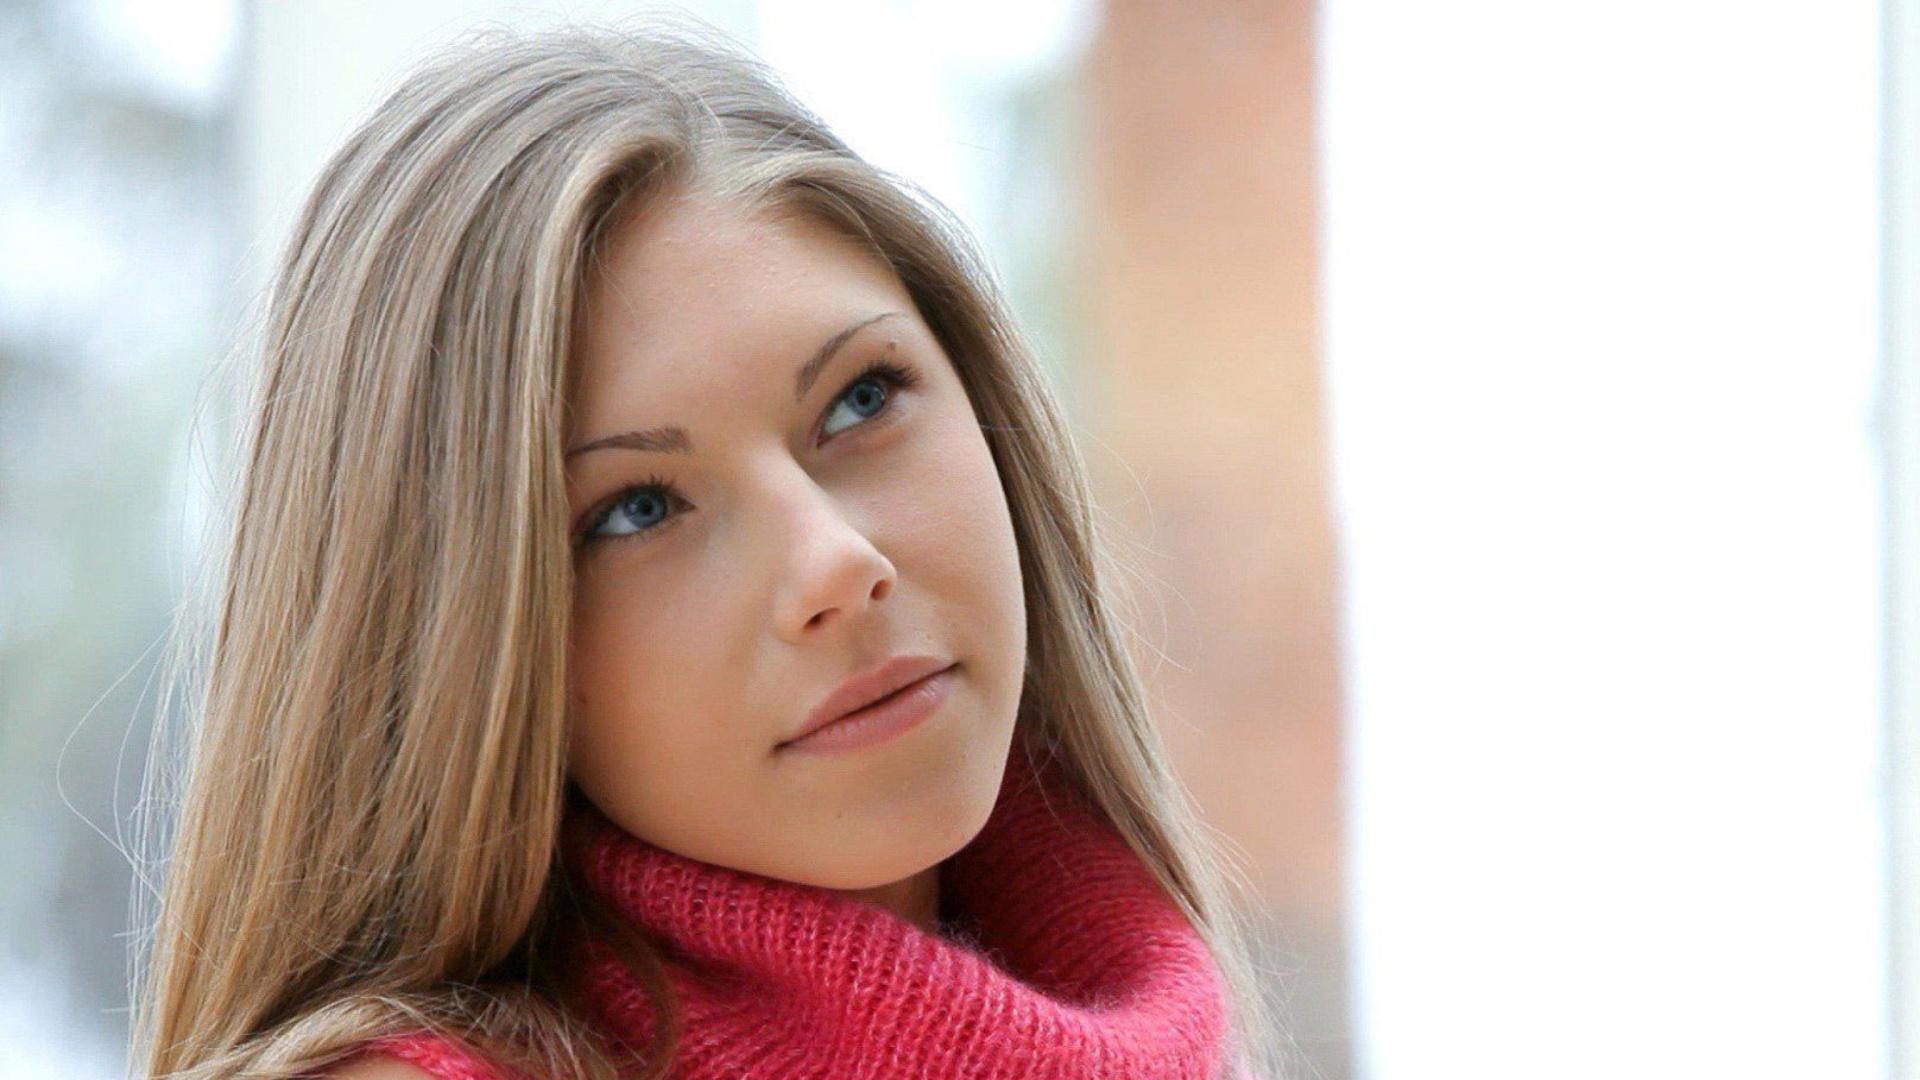 соло красивых русских женщин было всего